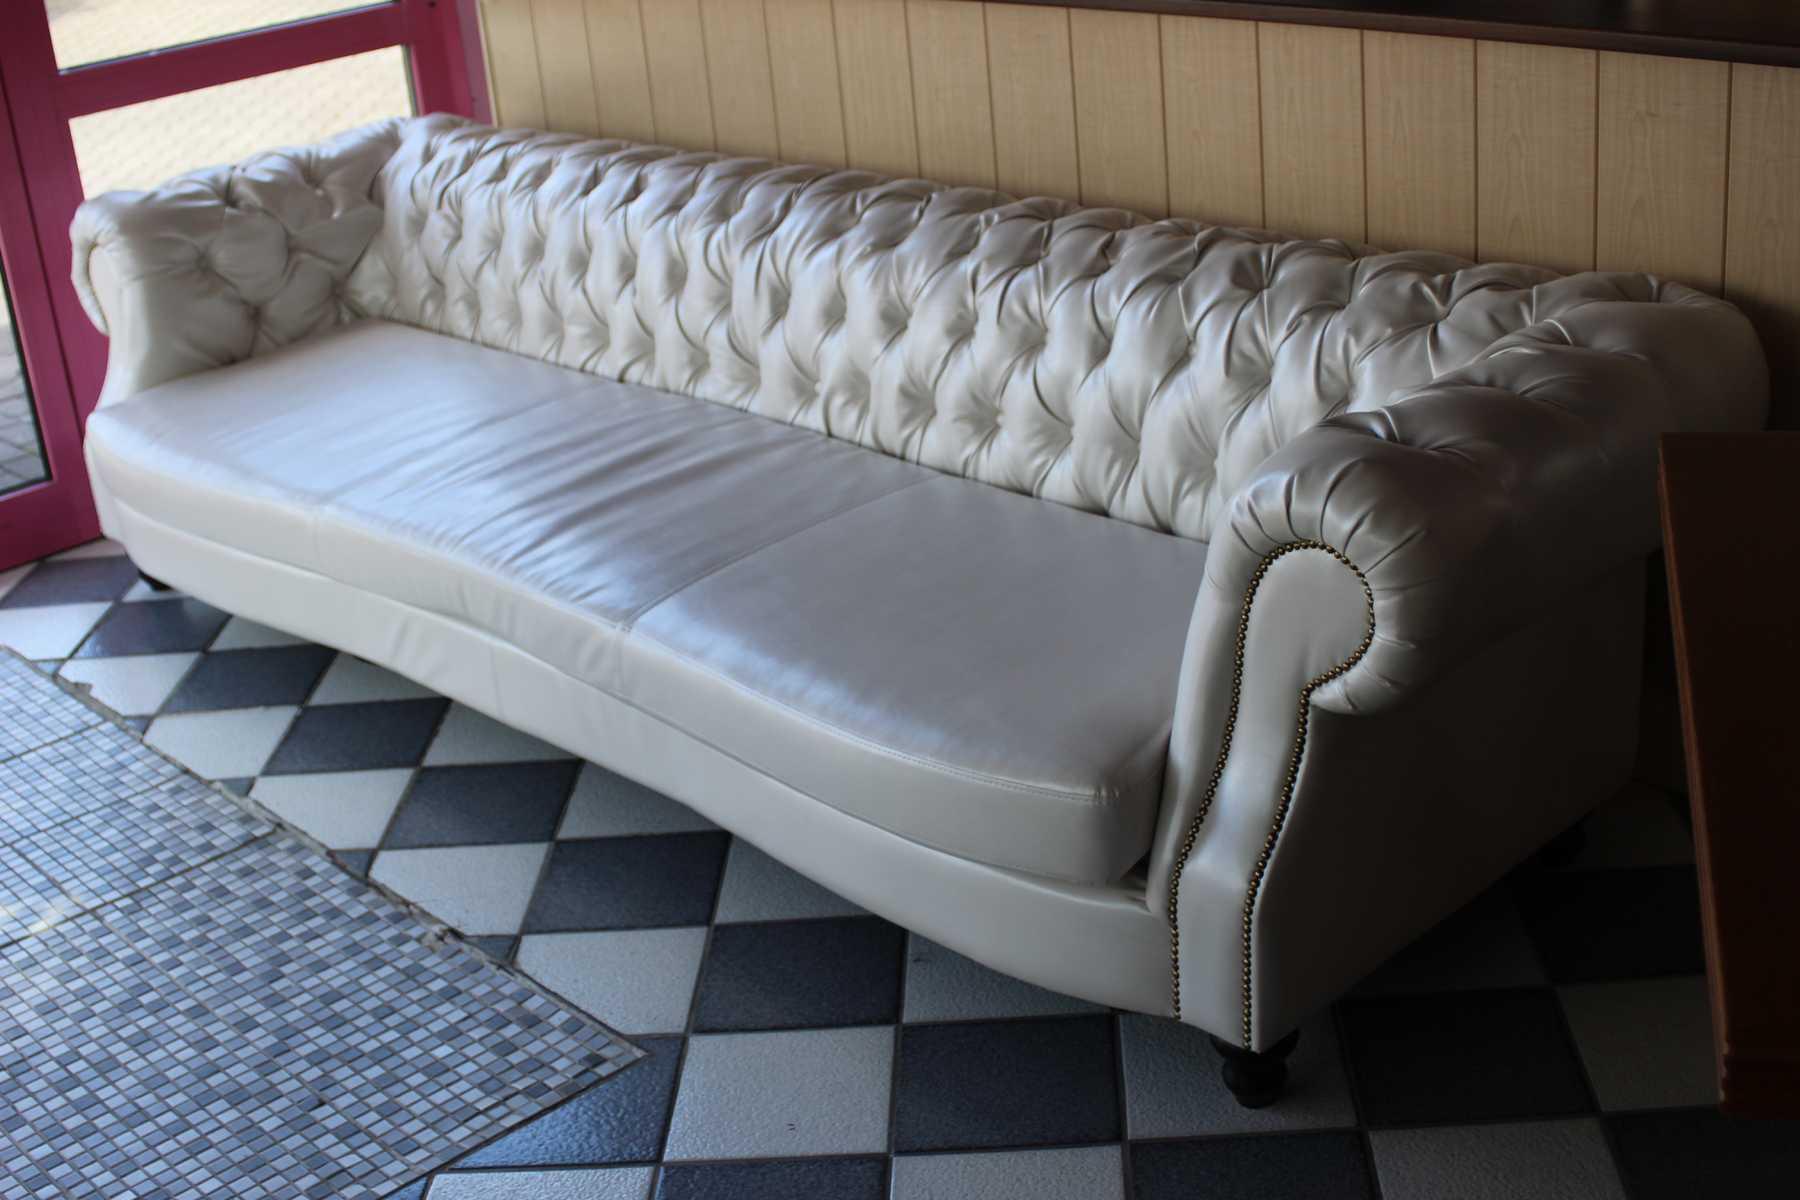 XXL Big Sofa 5 Personen Couch Polster Garnitur Chesterfield Sofort Lieferbar  Neu